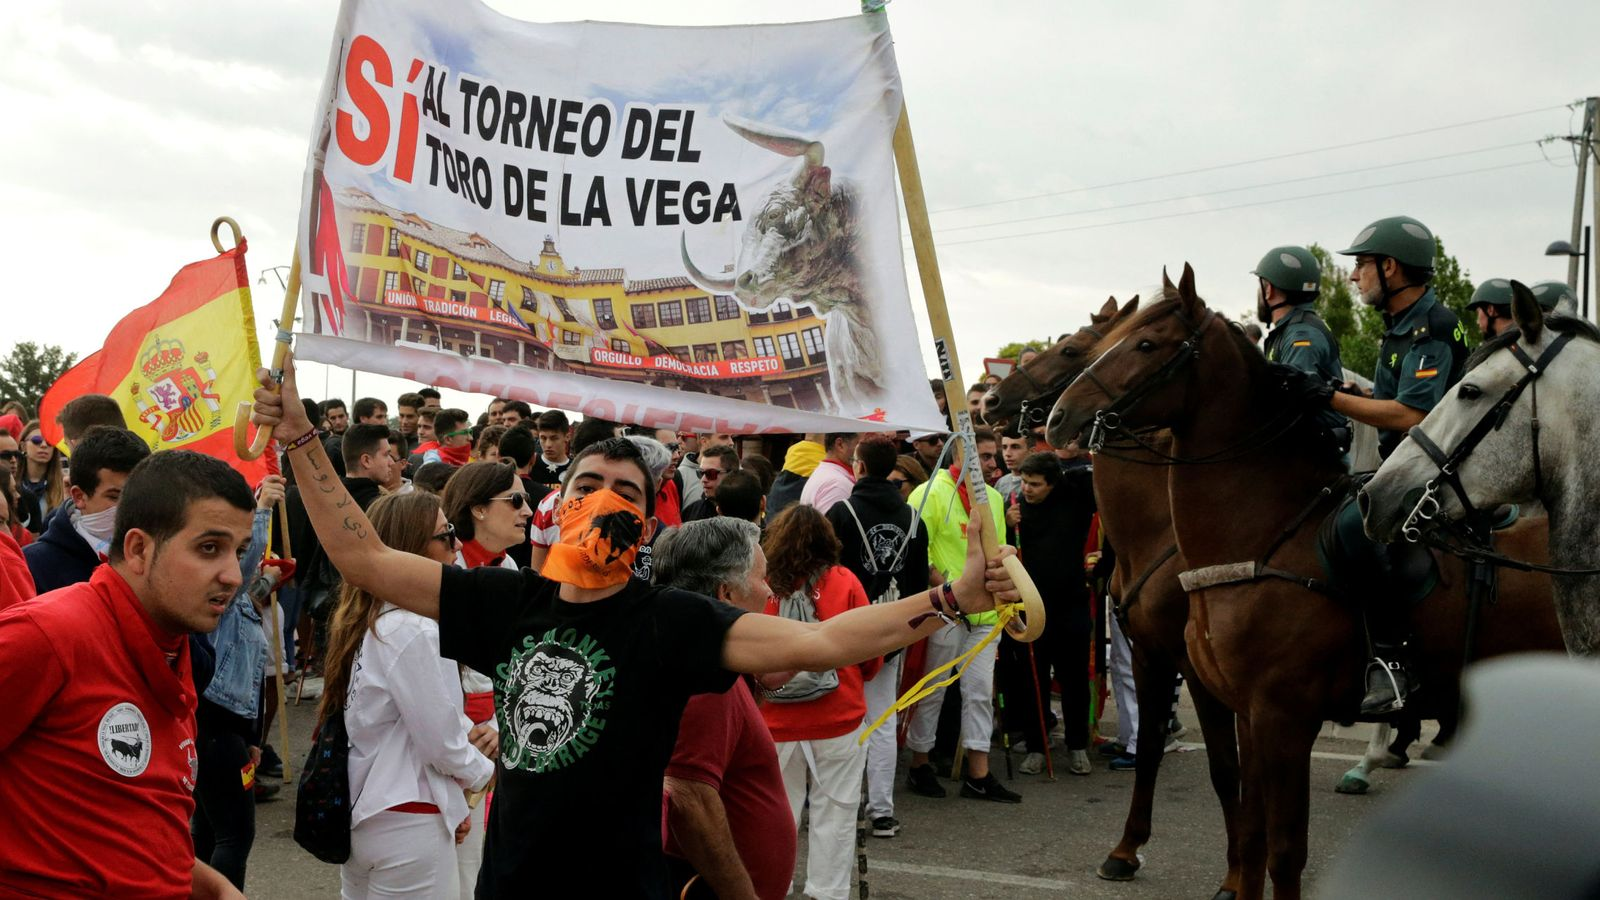 Foto: Manifestantes a favor de continuar con la tradición del Toro de la Vega. (Reuters)